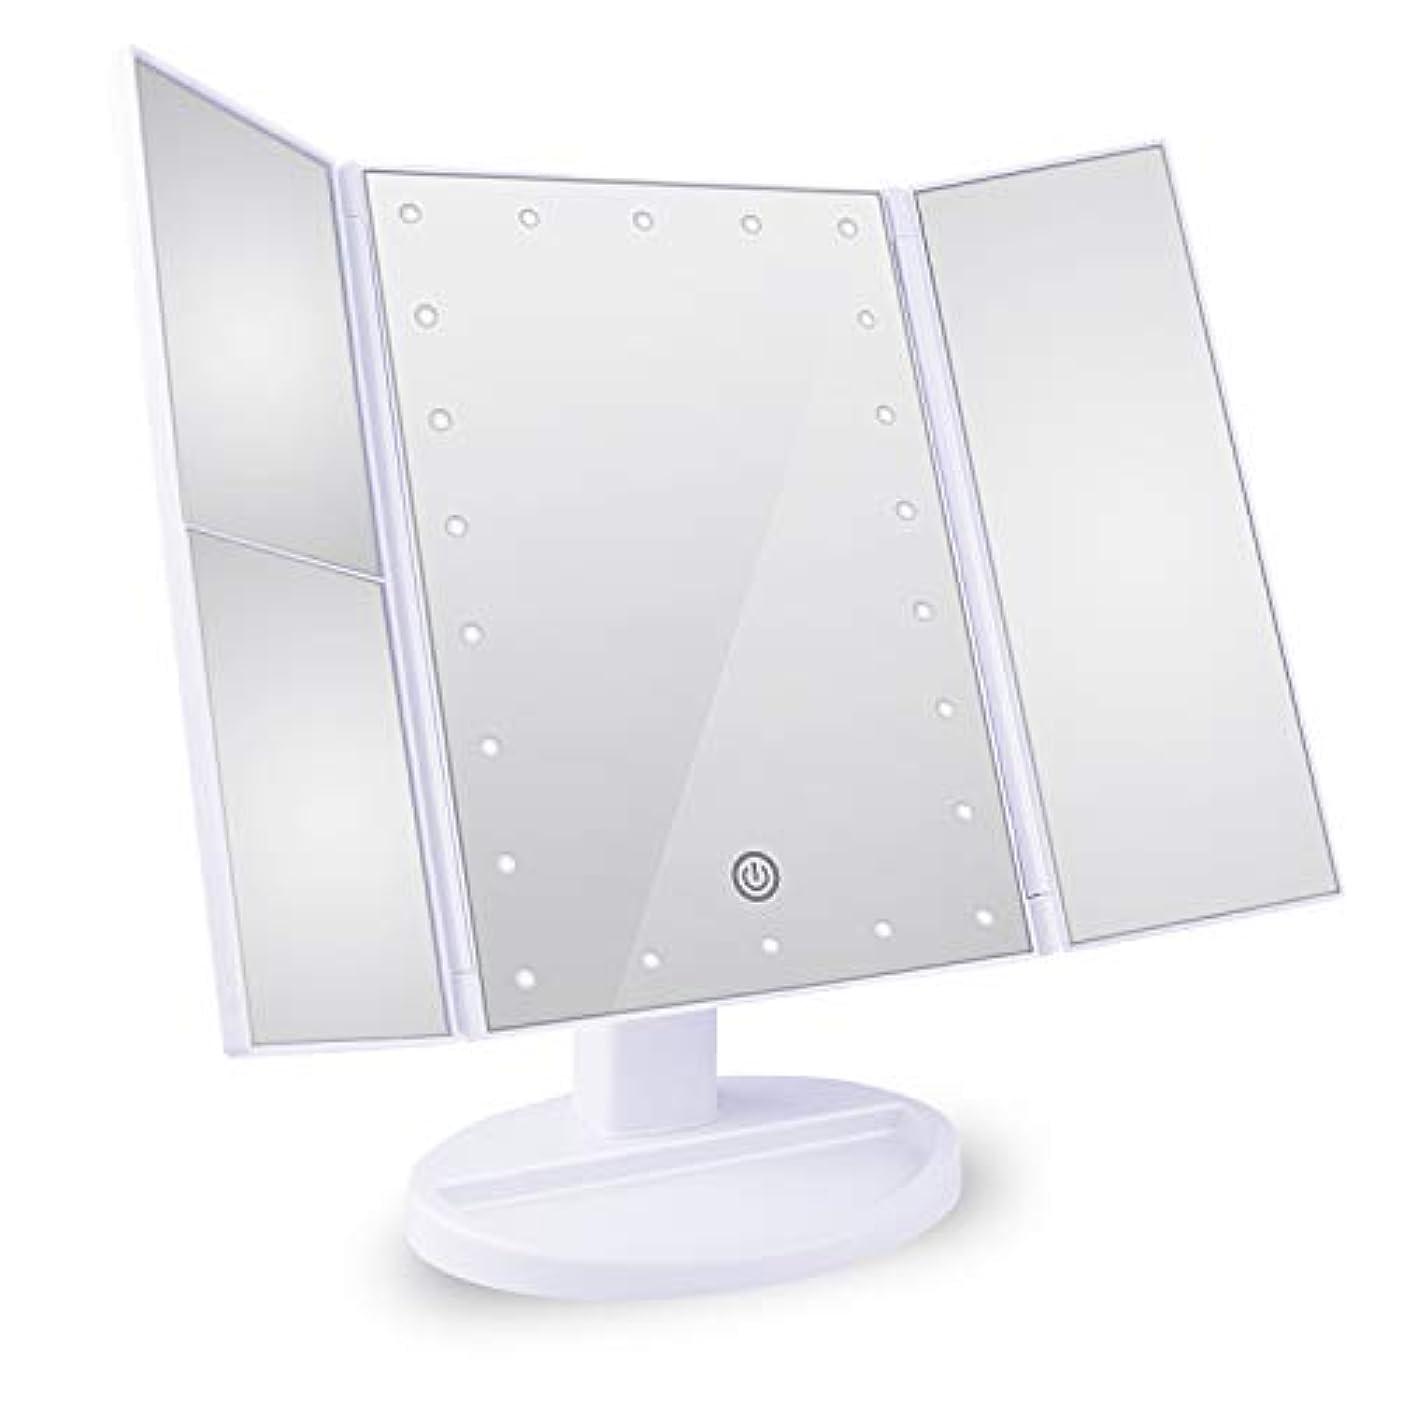 極端なはねかける魔女Tree. NB 化粧鏡 卓上鏡 拡大鏡 鏡 メイクミラー 2倍&3倍拡大可能 LEDライトミラー 明るさ調節可能 180°回転 電池&USB 2WAY給電